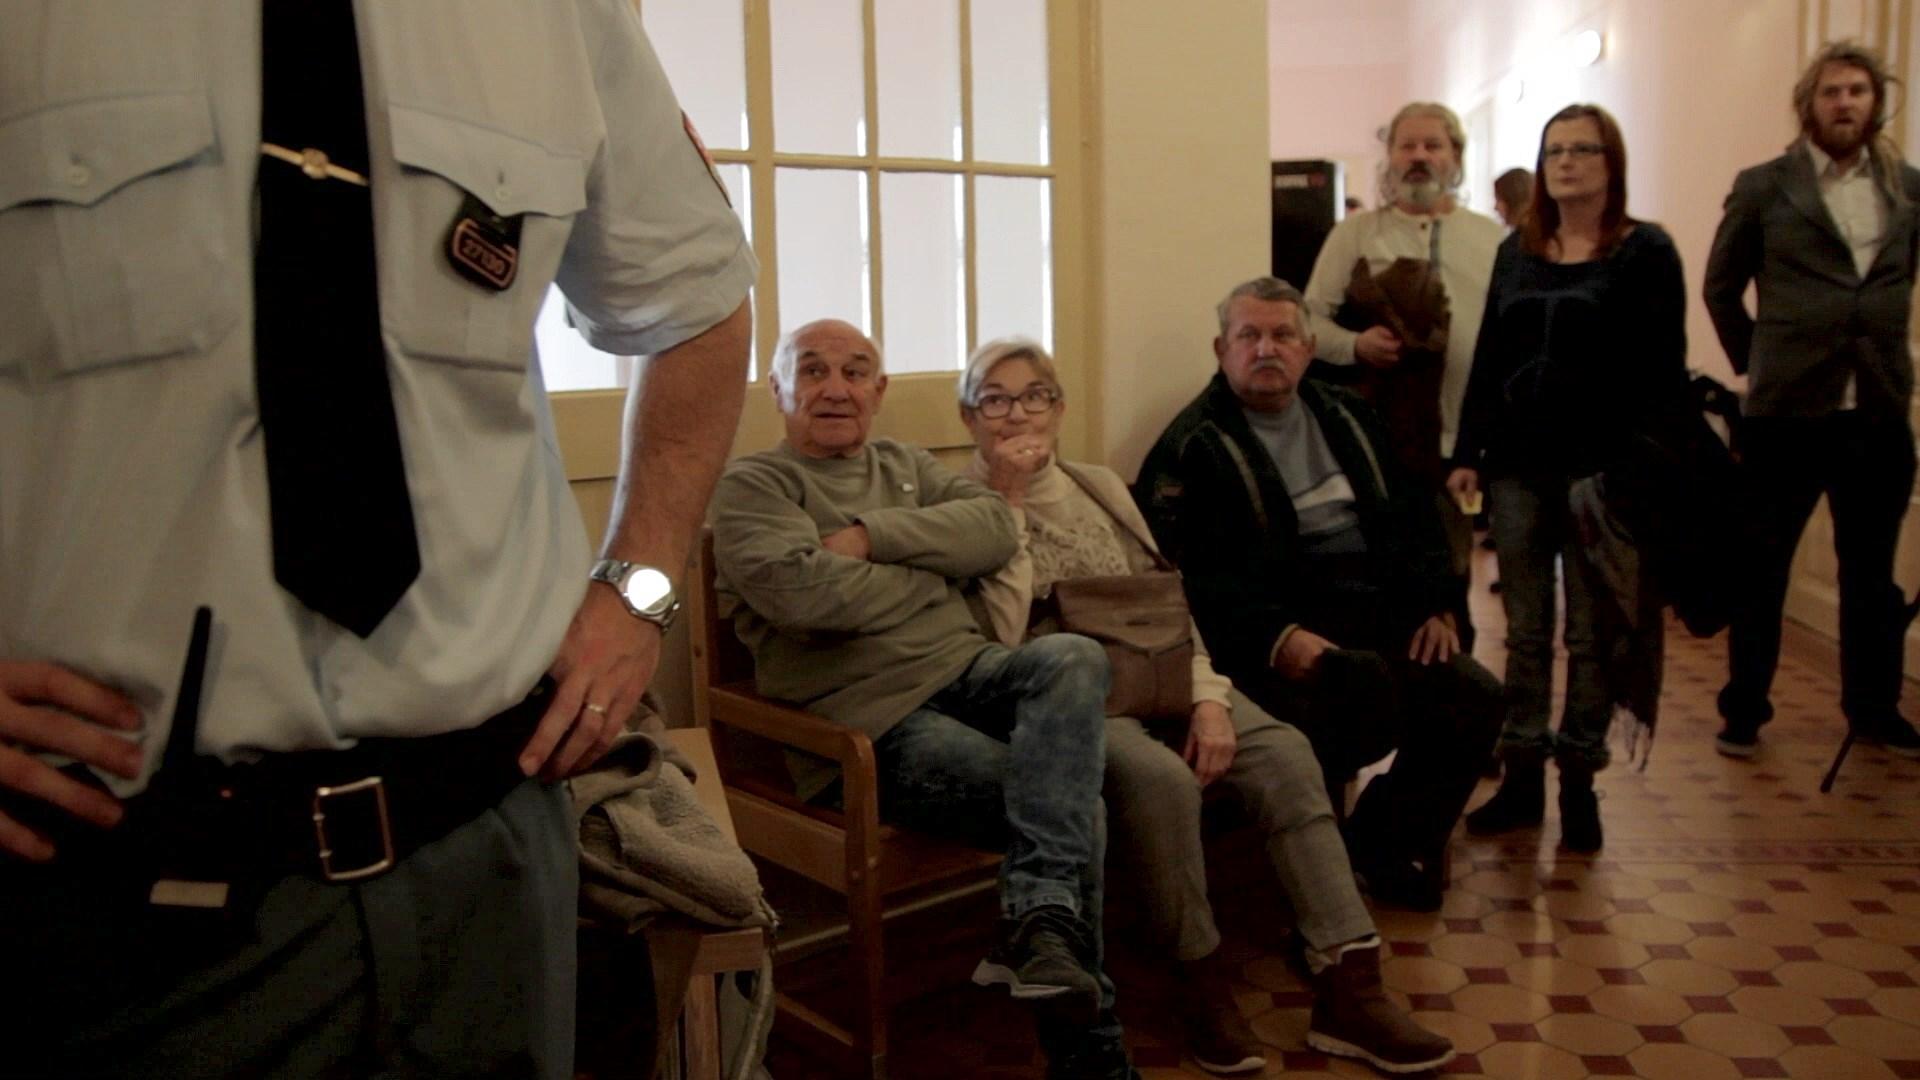 Rodiče Dušana Dvořáka čekají na soud